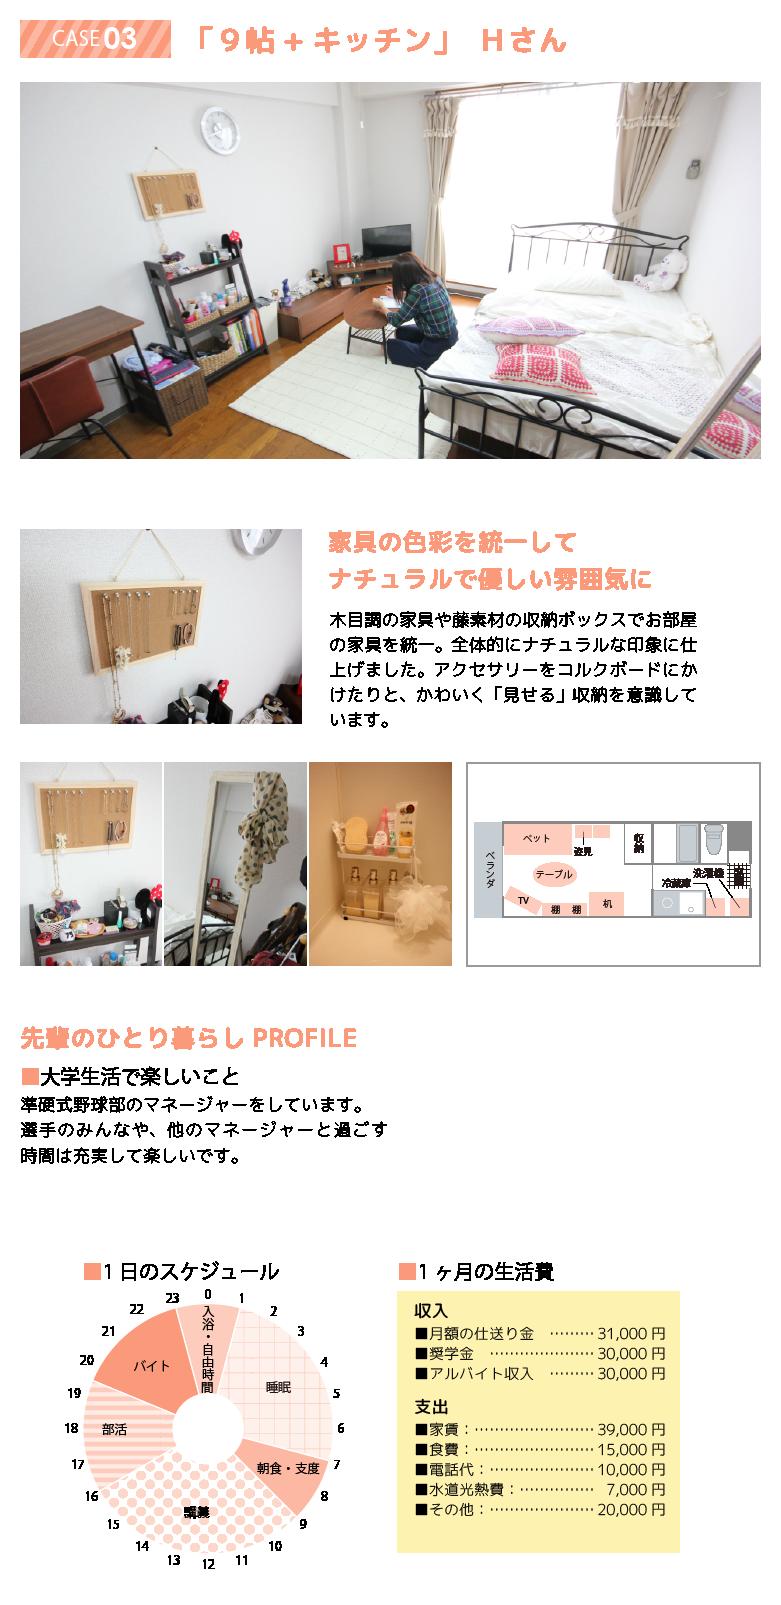 先輩のお部屋 case03